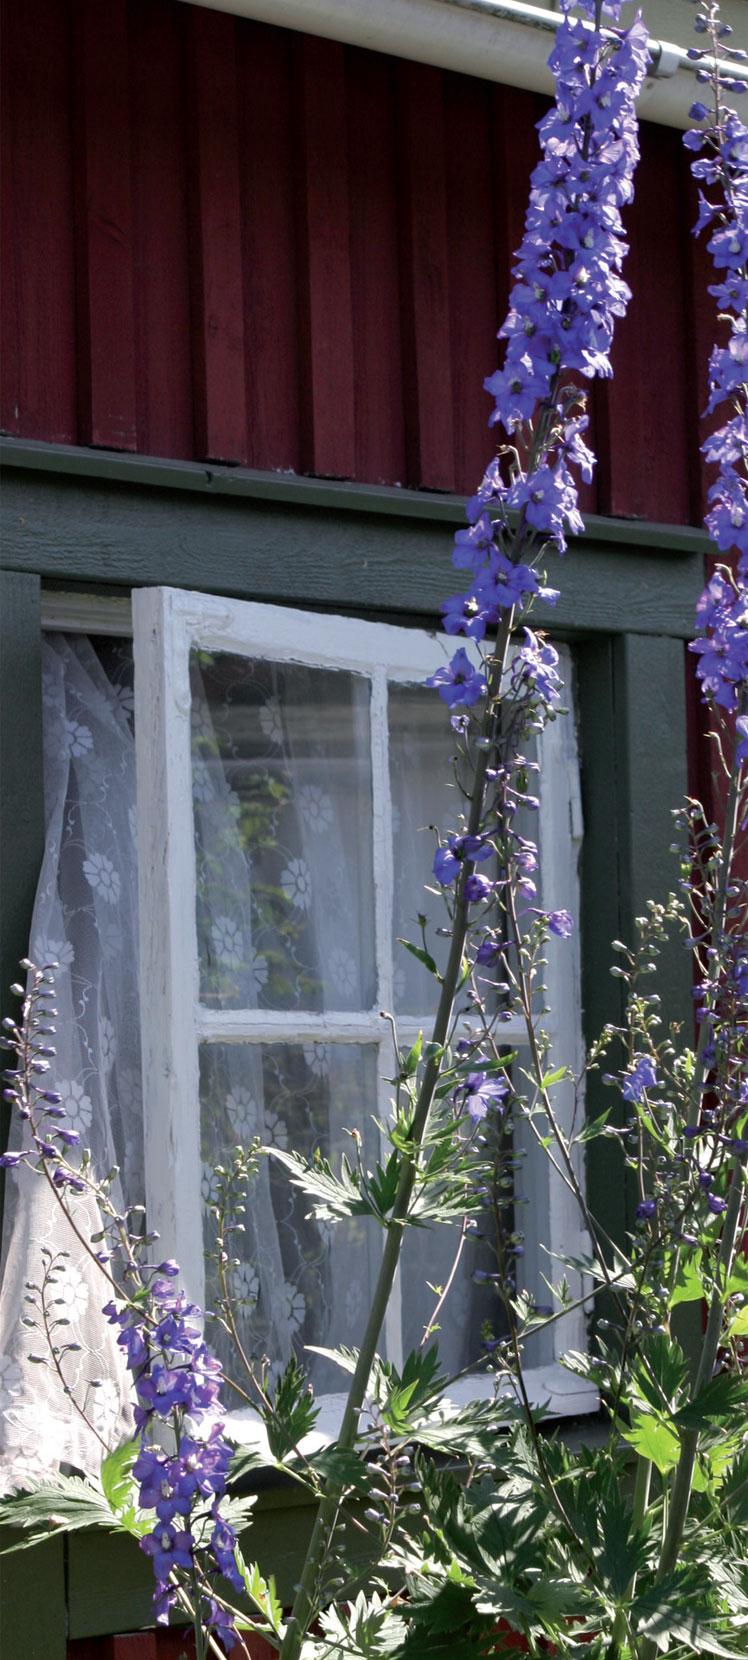 Yli 50-vuotiaan mökkivanhuksen ikkunan edessä kukkii joka kesä sininen ritarinkannus.